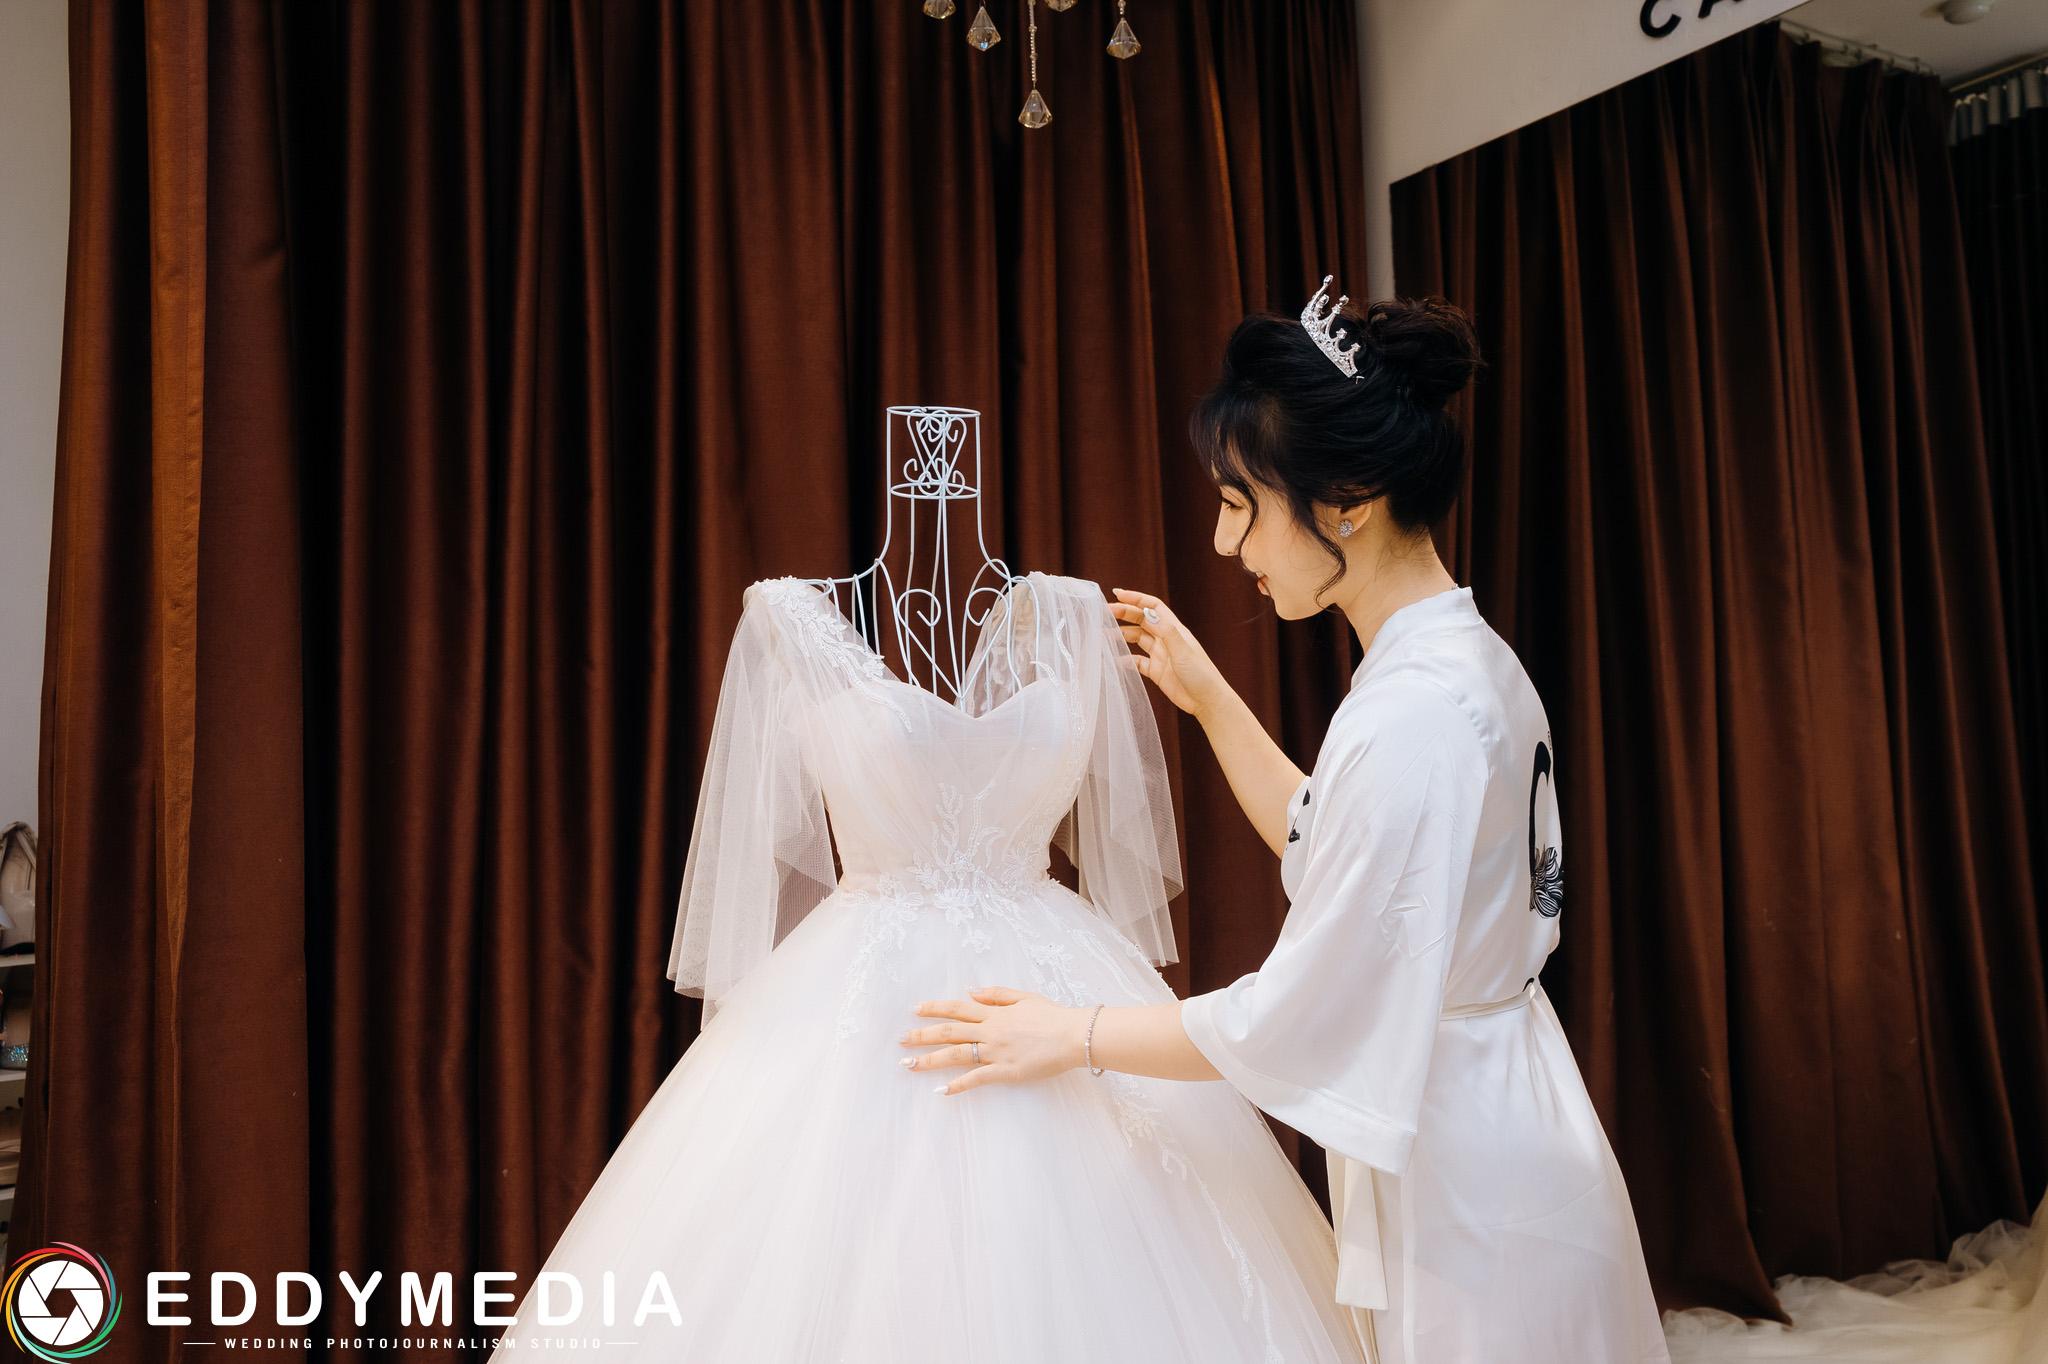 Phongsucuoi LongVy Sontung Minhtrang Eddymedia 13 Chuẩn bị đám cưới trong 2 tháng